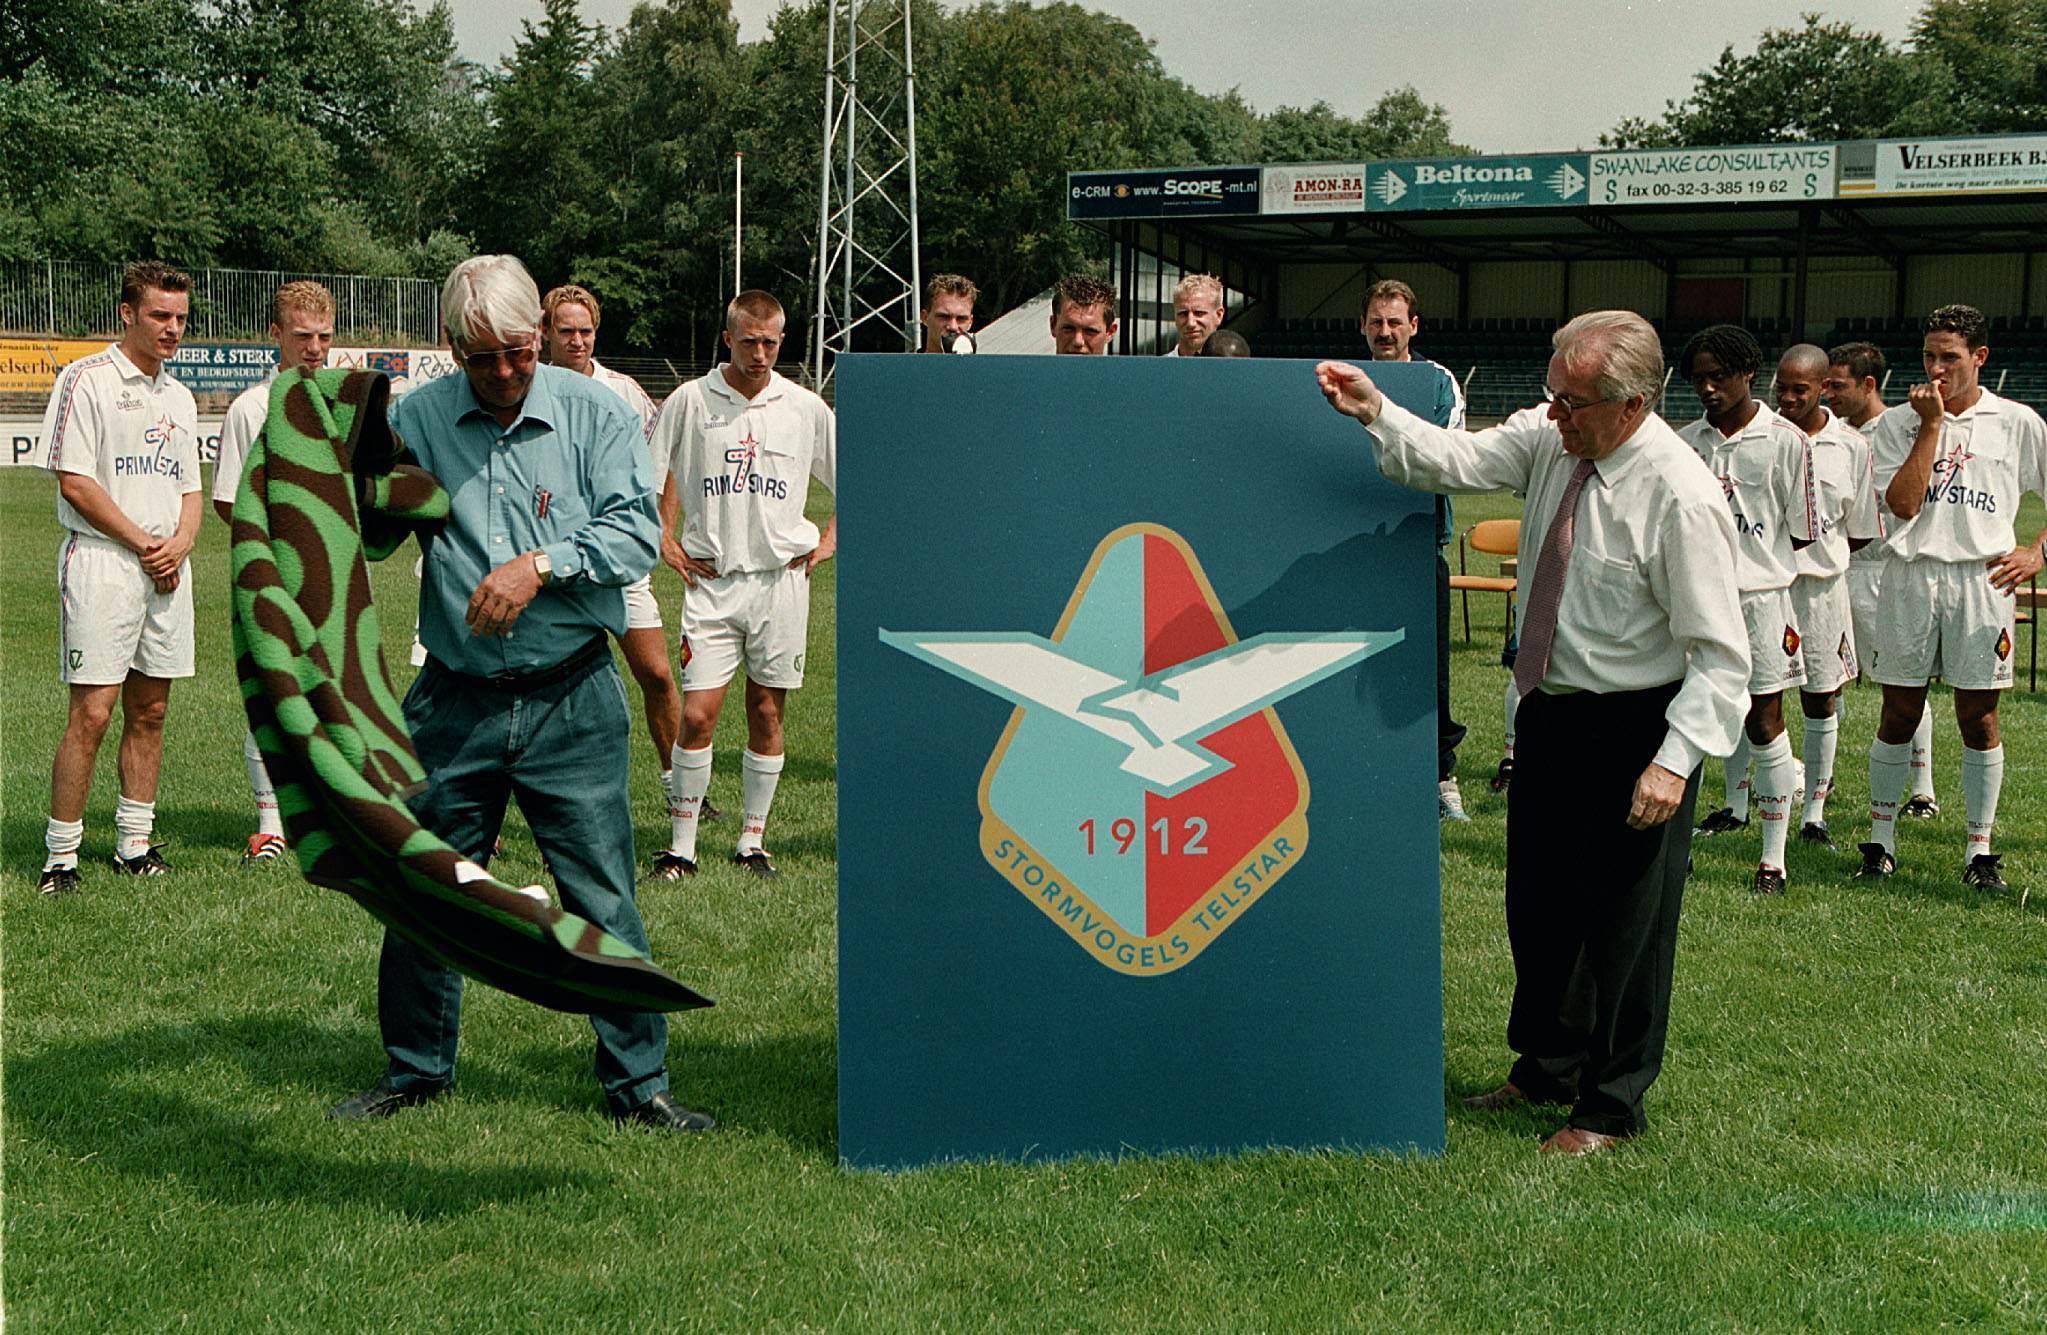 VV IJmuiden en RKVV Velsen onaangenaam verrast over nieuwe samenwerking Telstar en Stormvogels: 'Laten we dit met alle clubs samen doen'